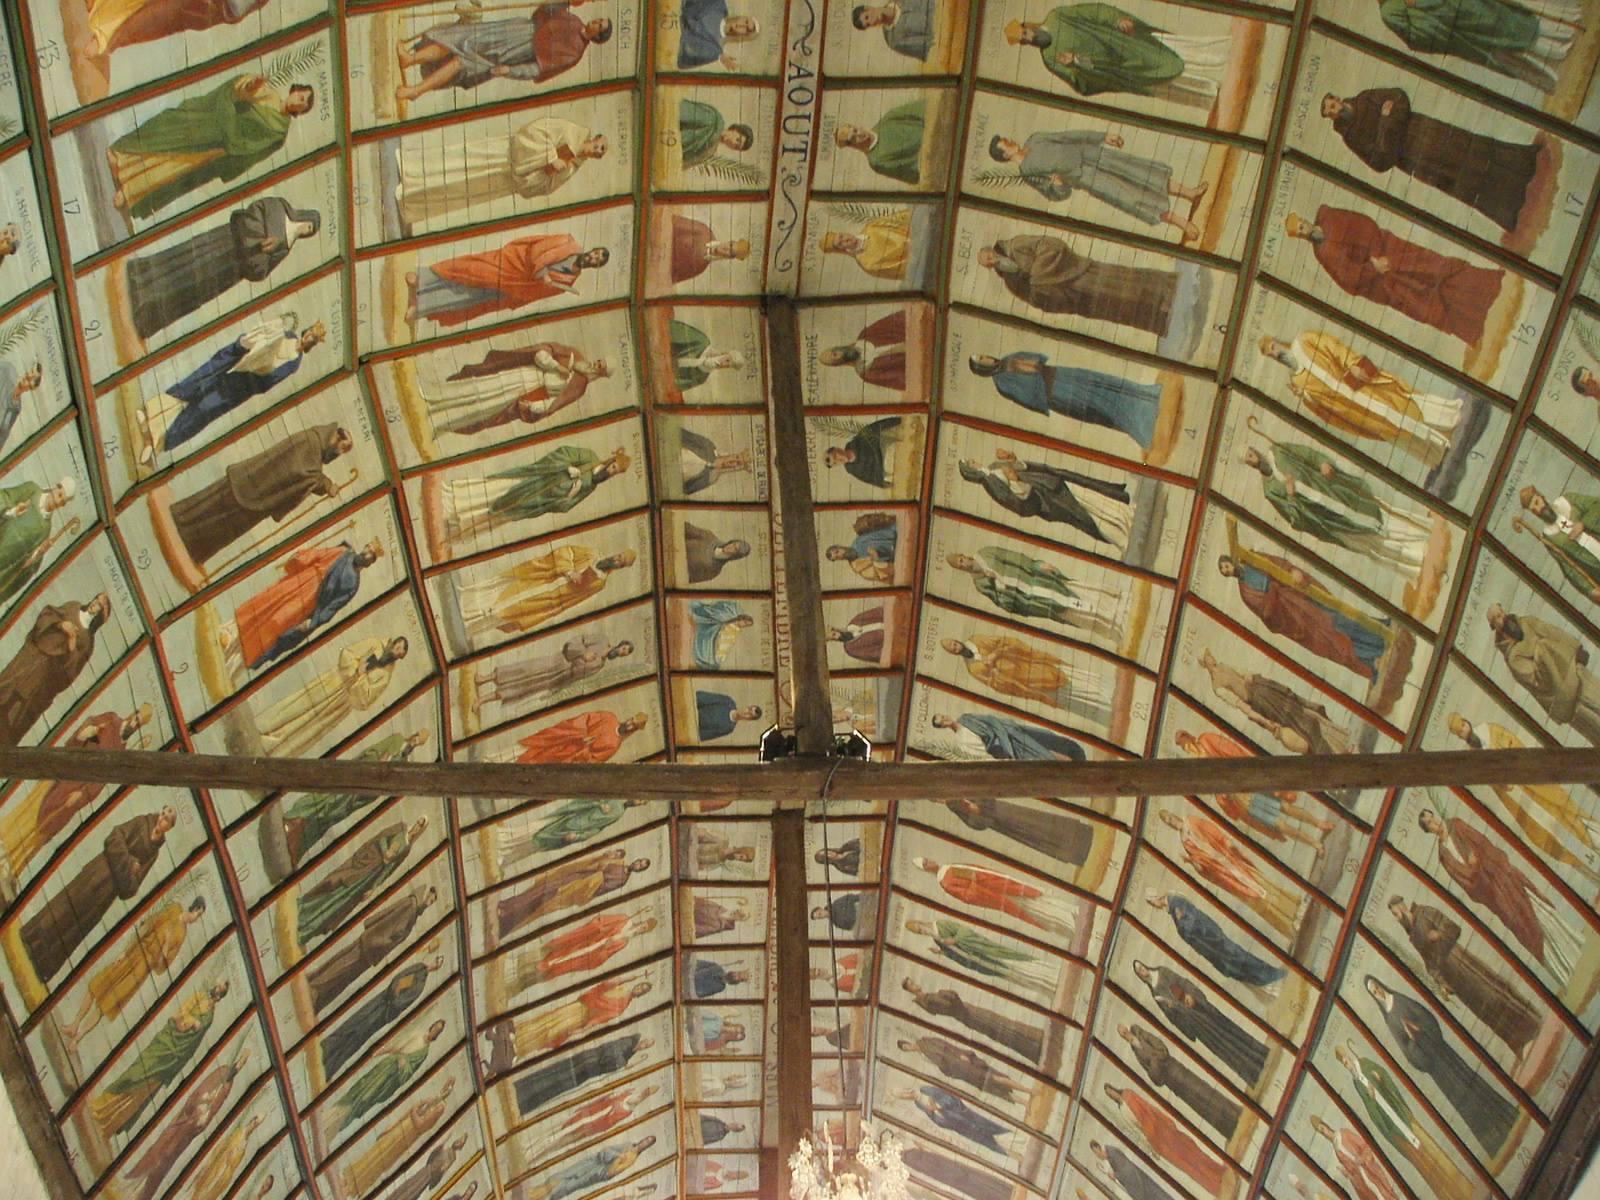 Saint Michel de Chavaignes en 2005 - Eglise Saint Michel 20 (Menu Christophe dit Tahiti)